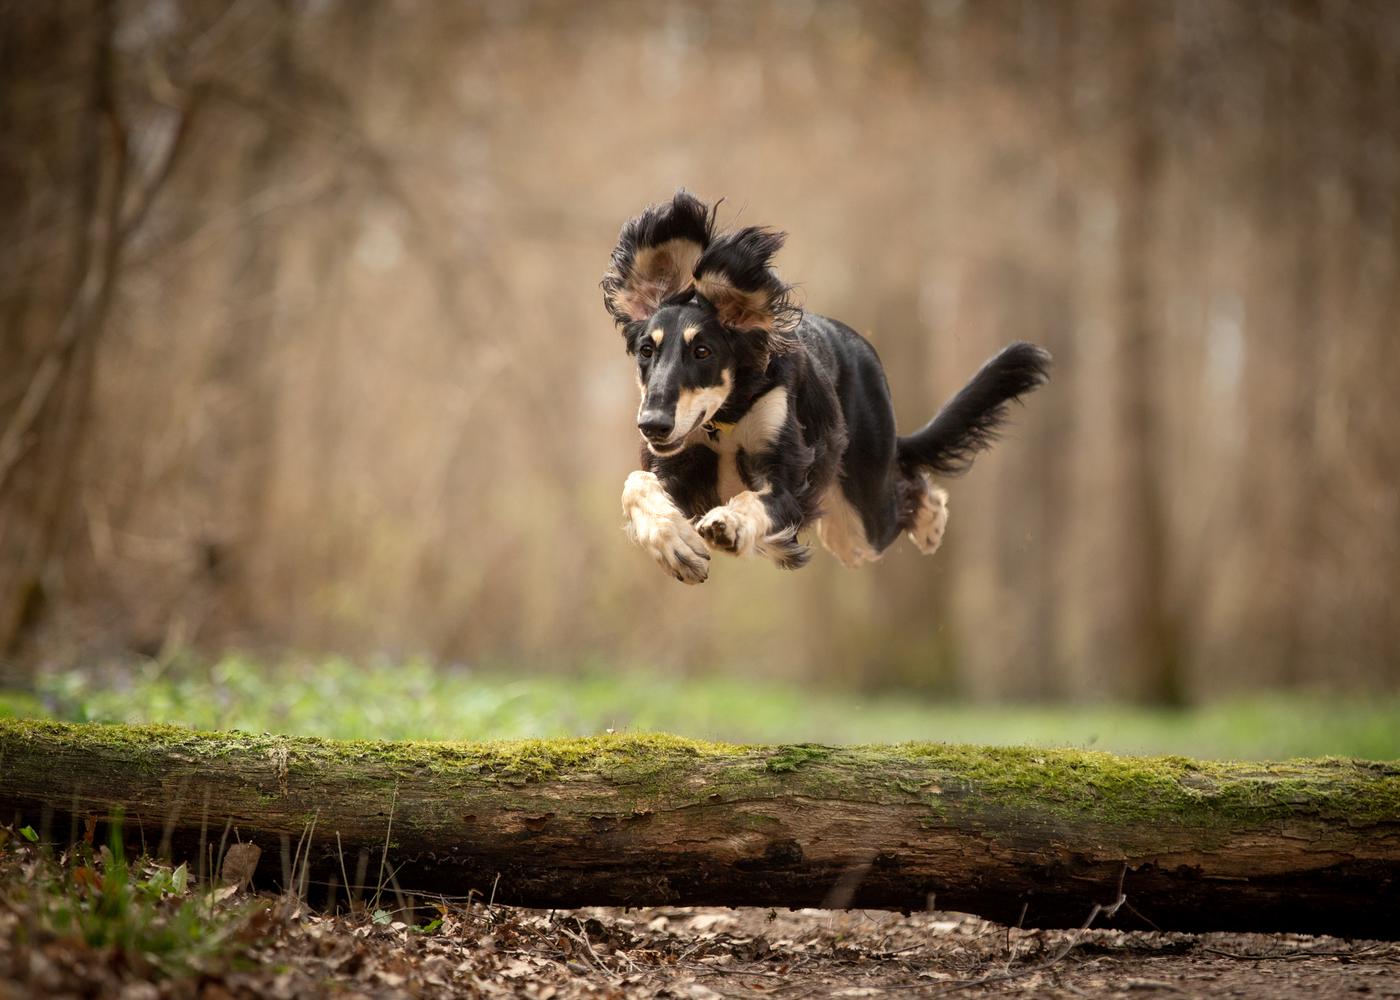 saluki-dog-breed-exercise